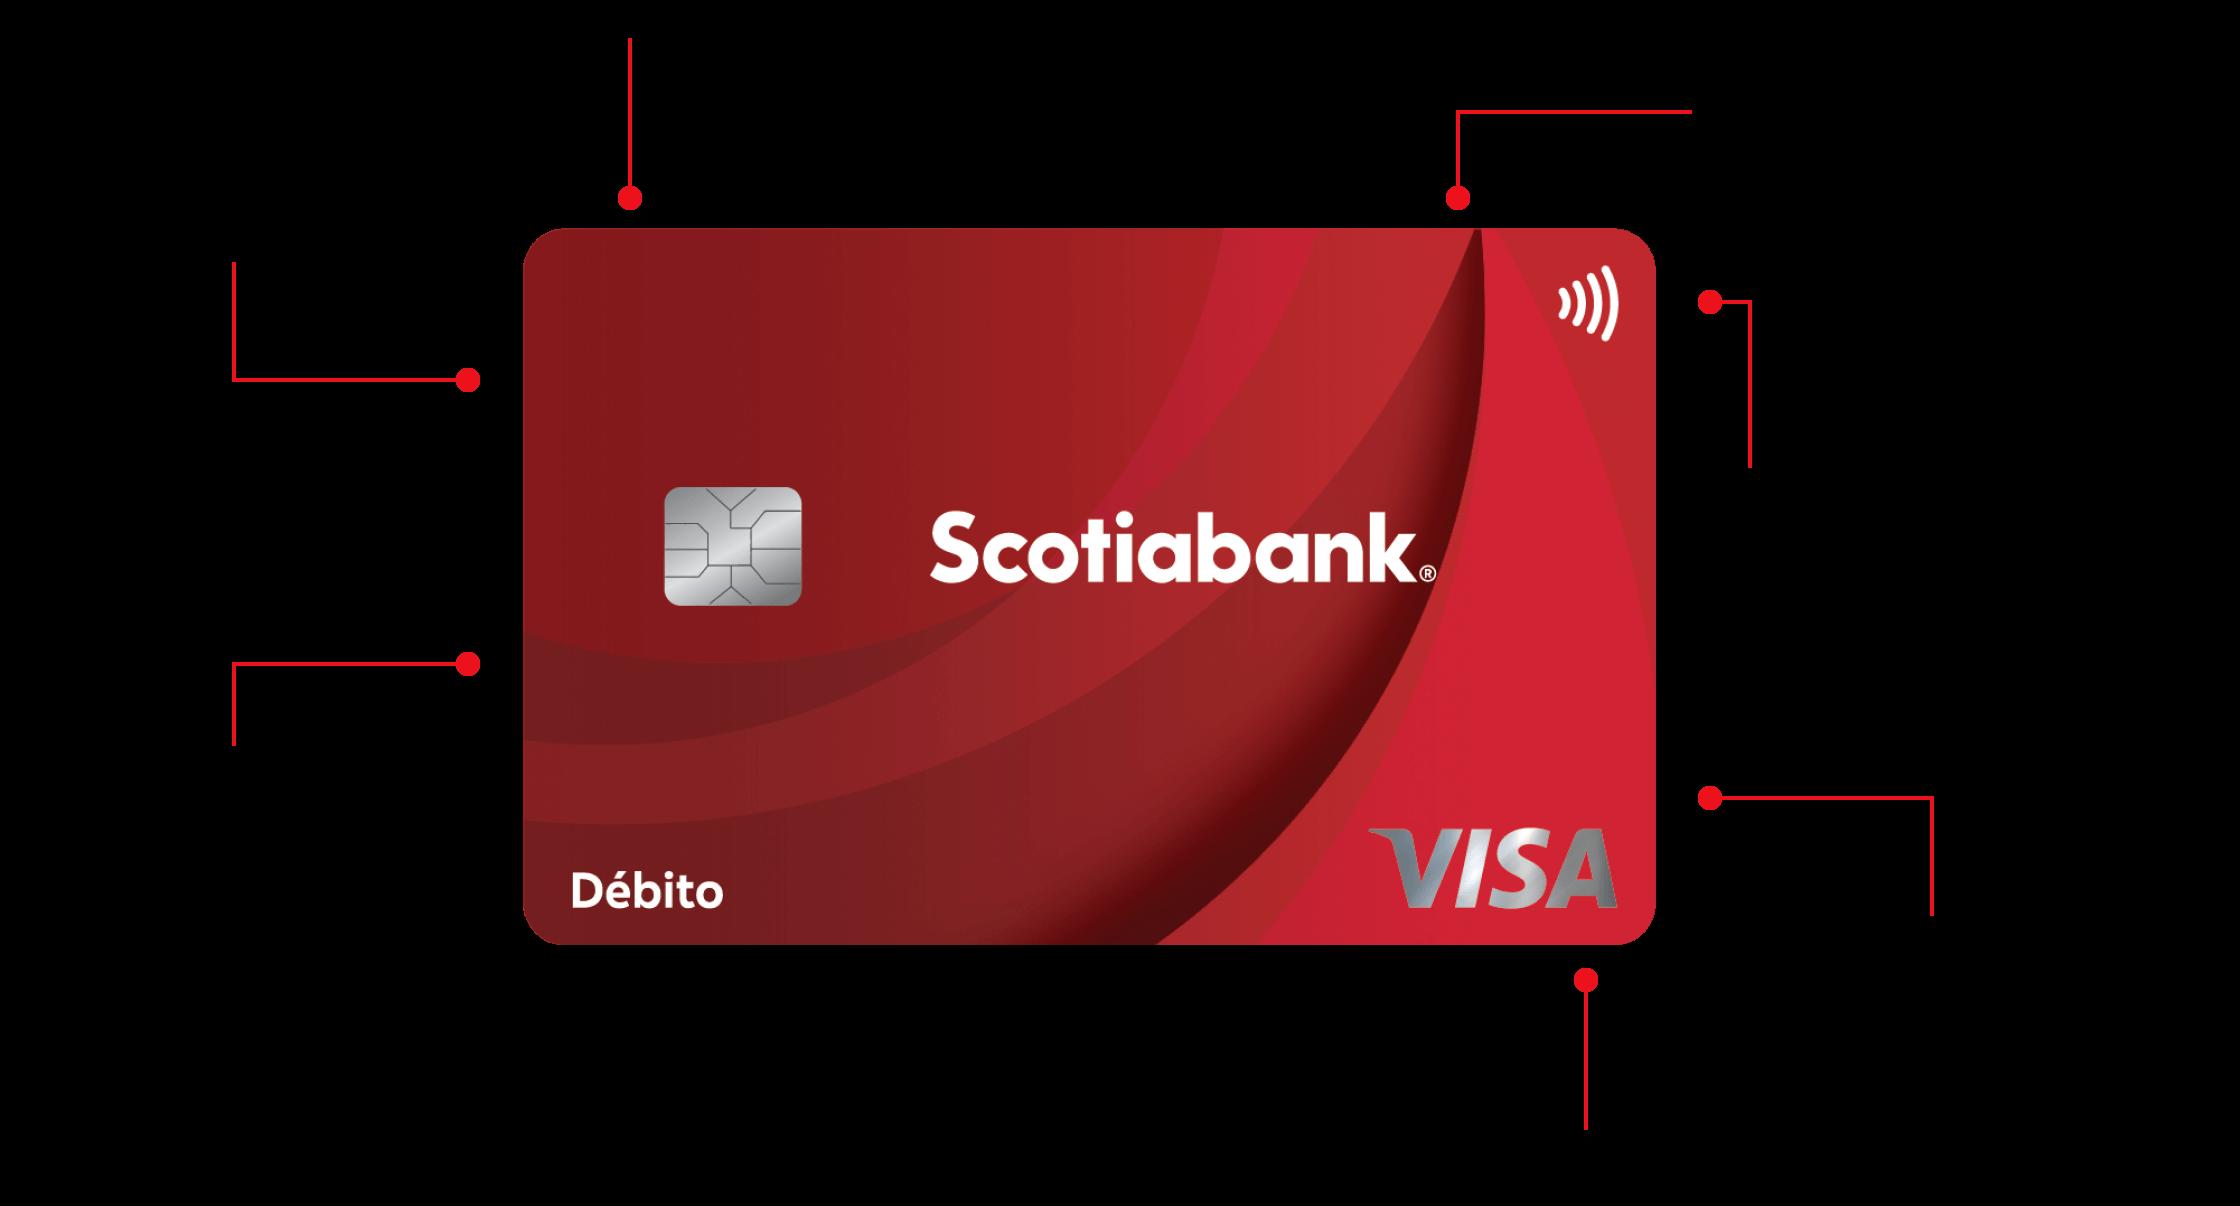 Beneficios tarjeta debido Scotiabank